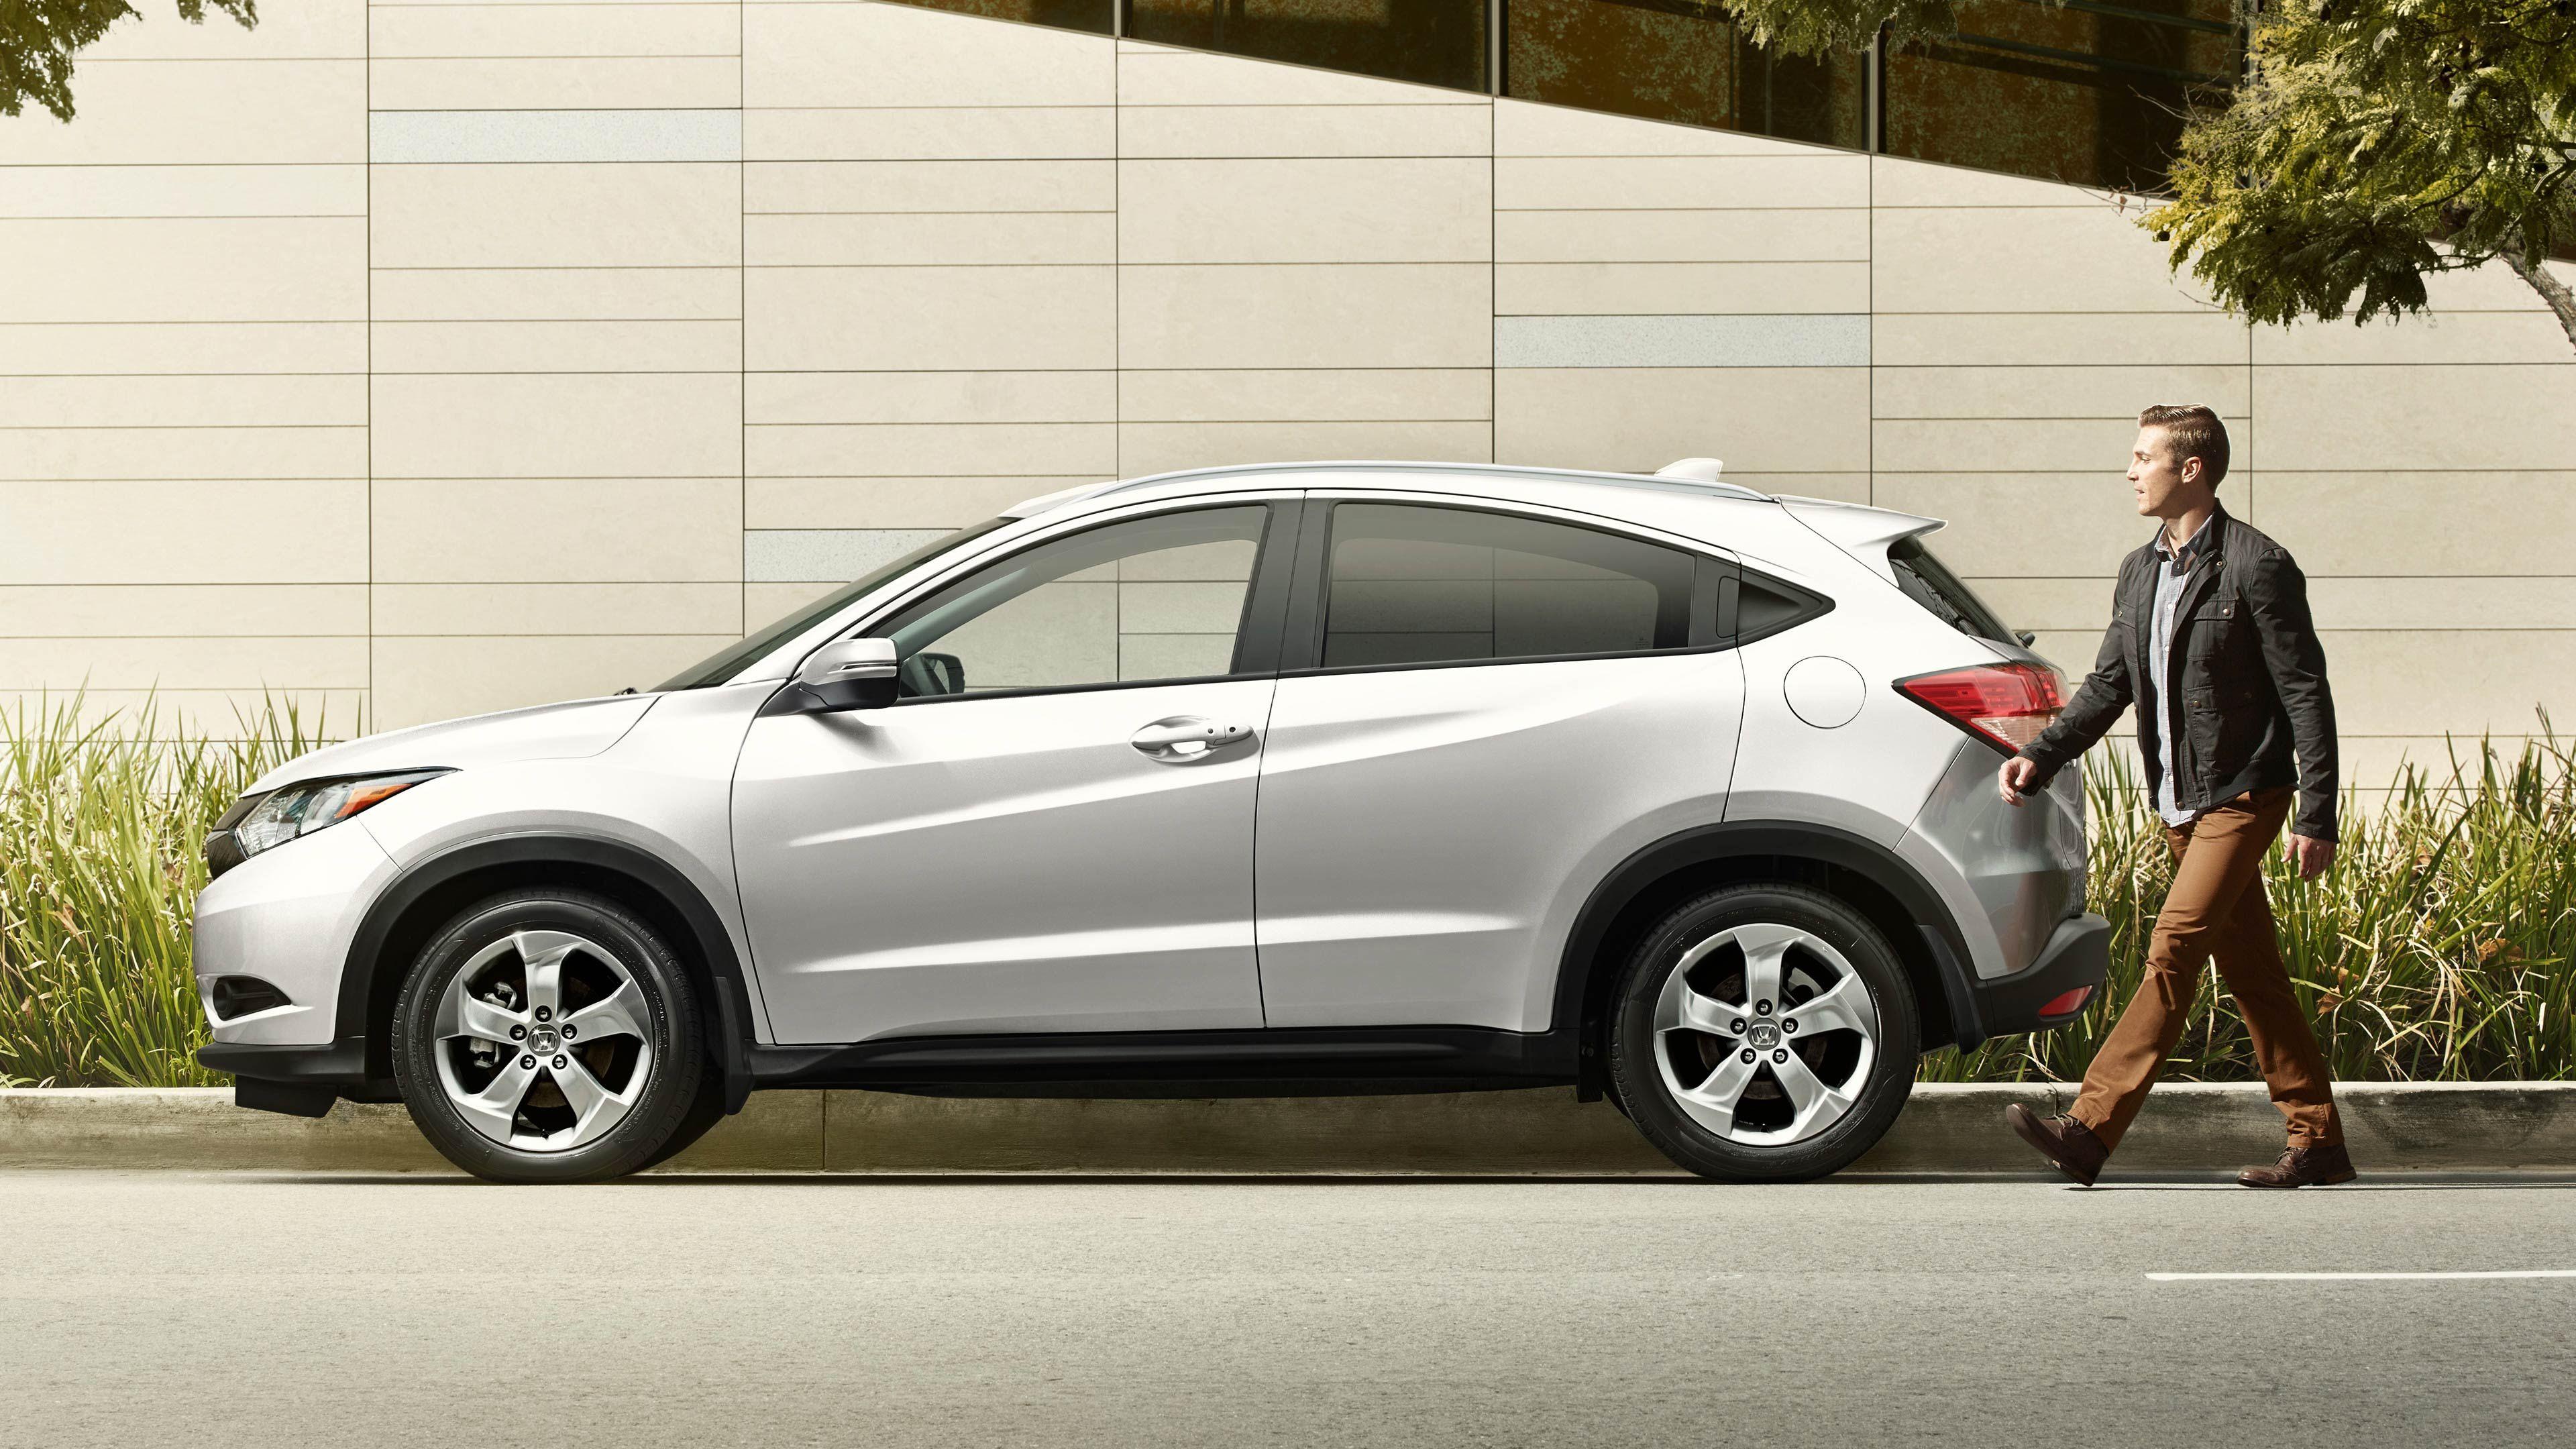 Kelebihan Kekurangan Harga Honda Hrv 2016 Review